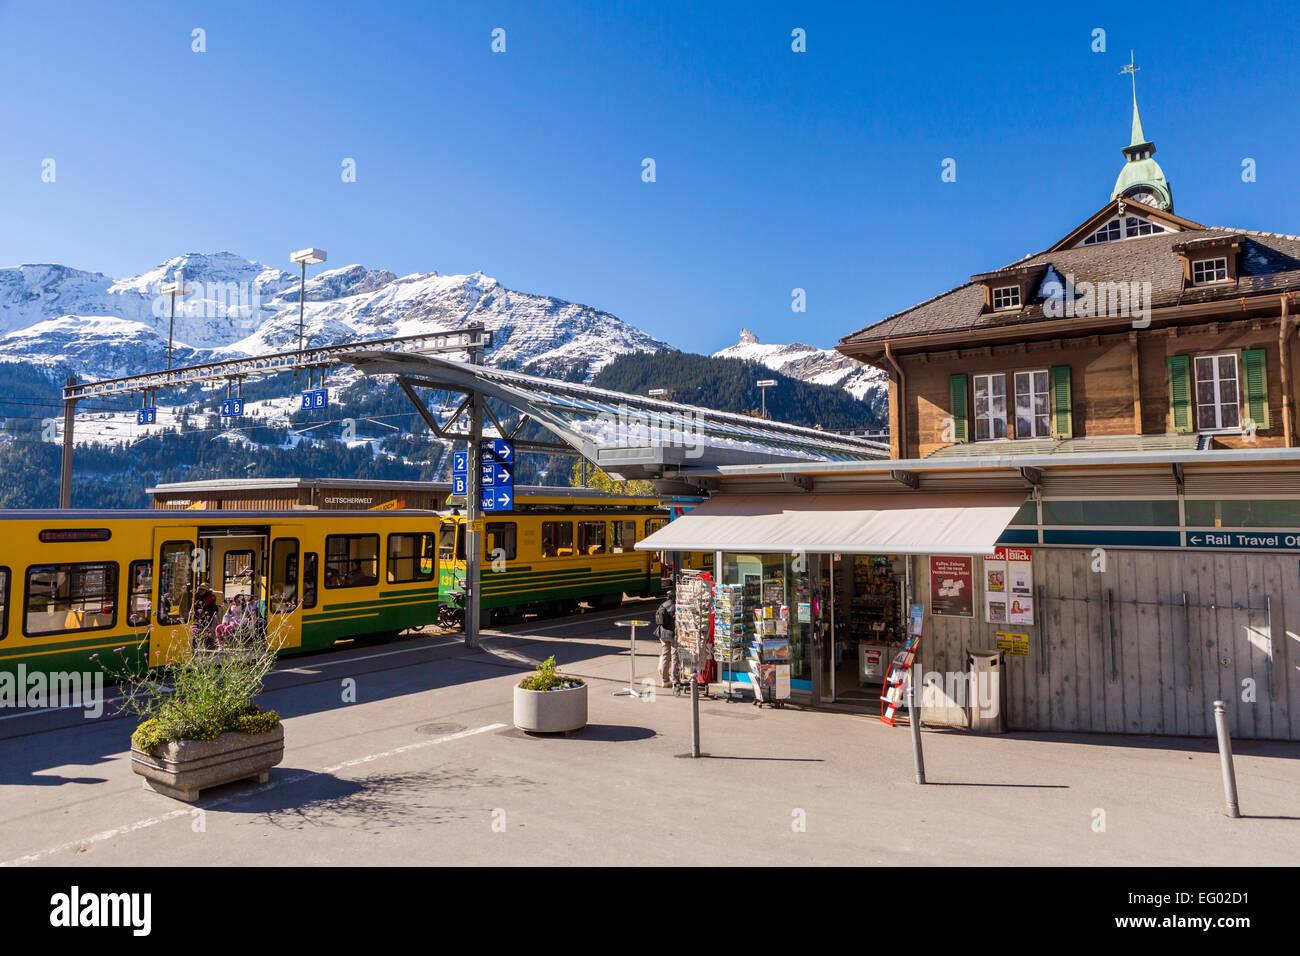 Bahnhof von Wengen, Berner Oberland, Schweizer Alpen, Schweiz, Europa Stockbild